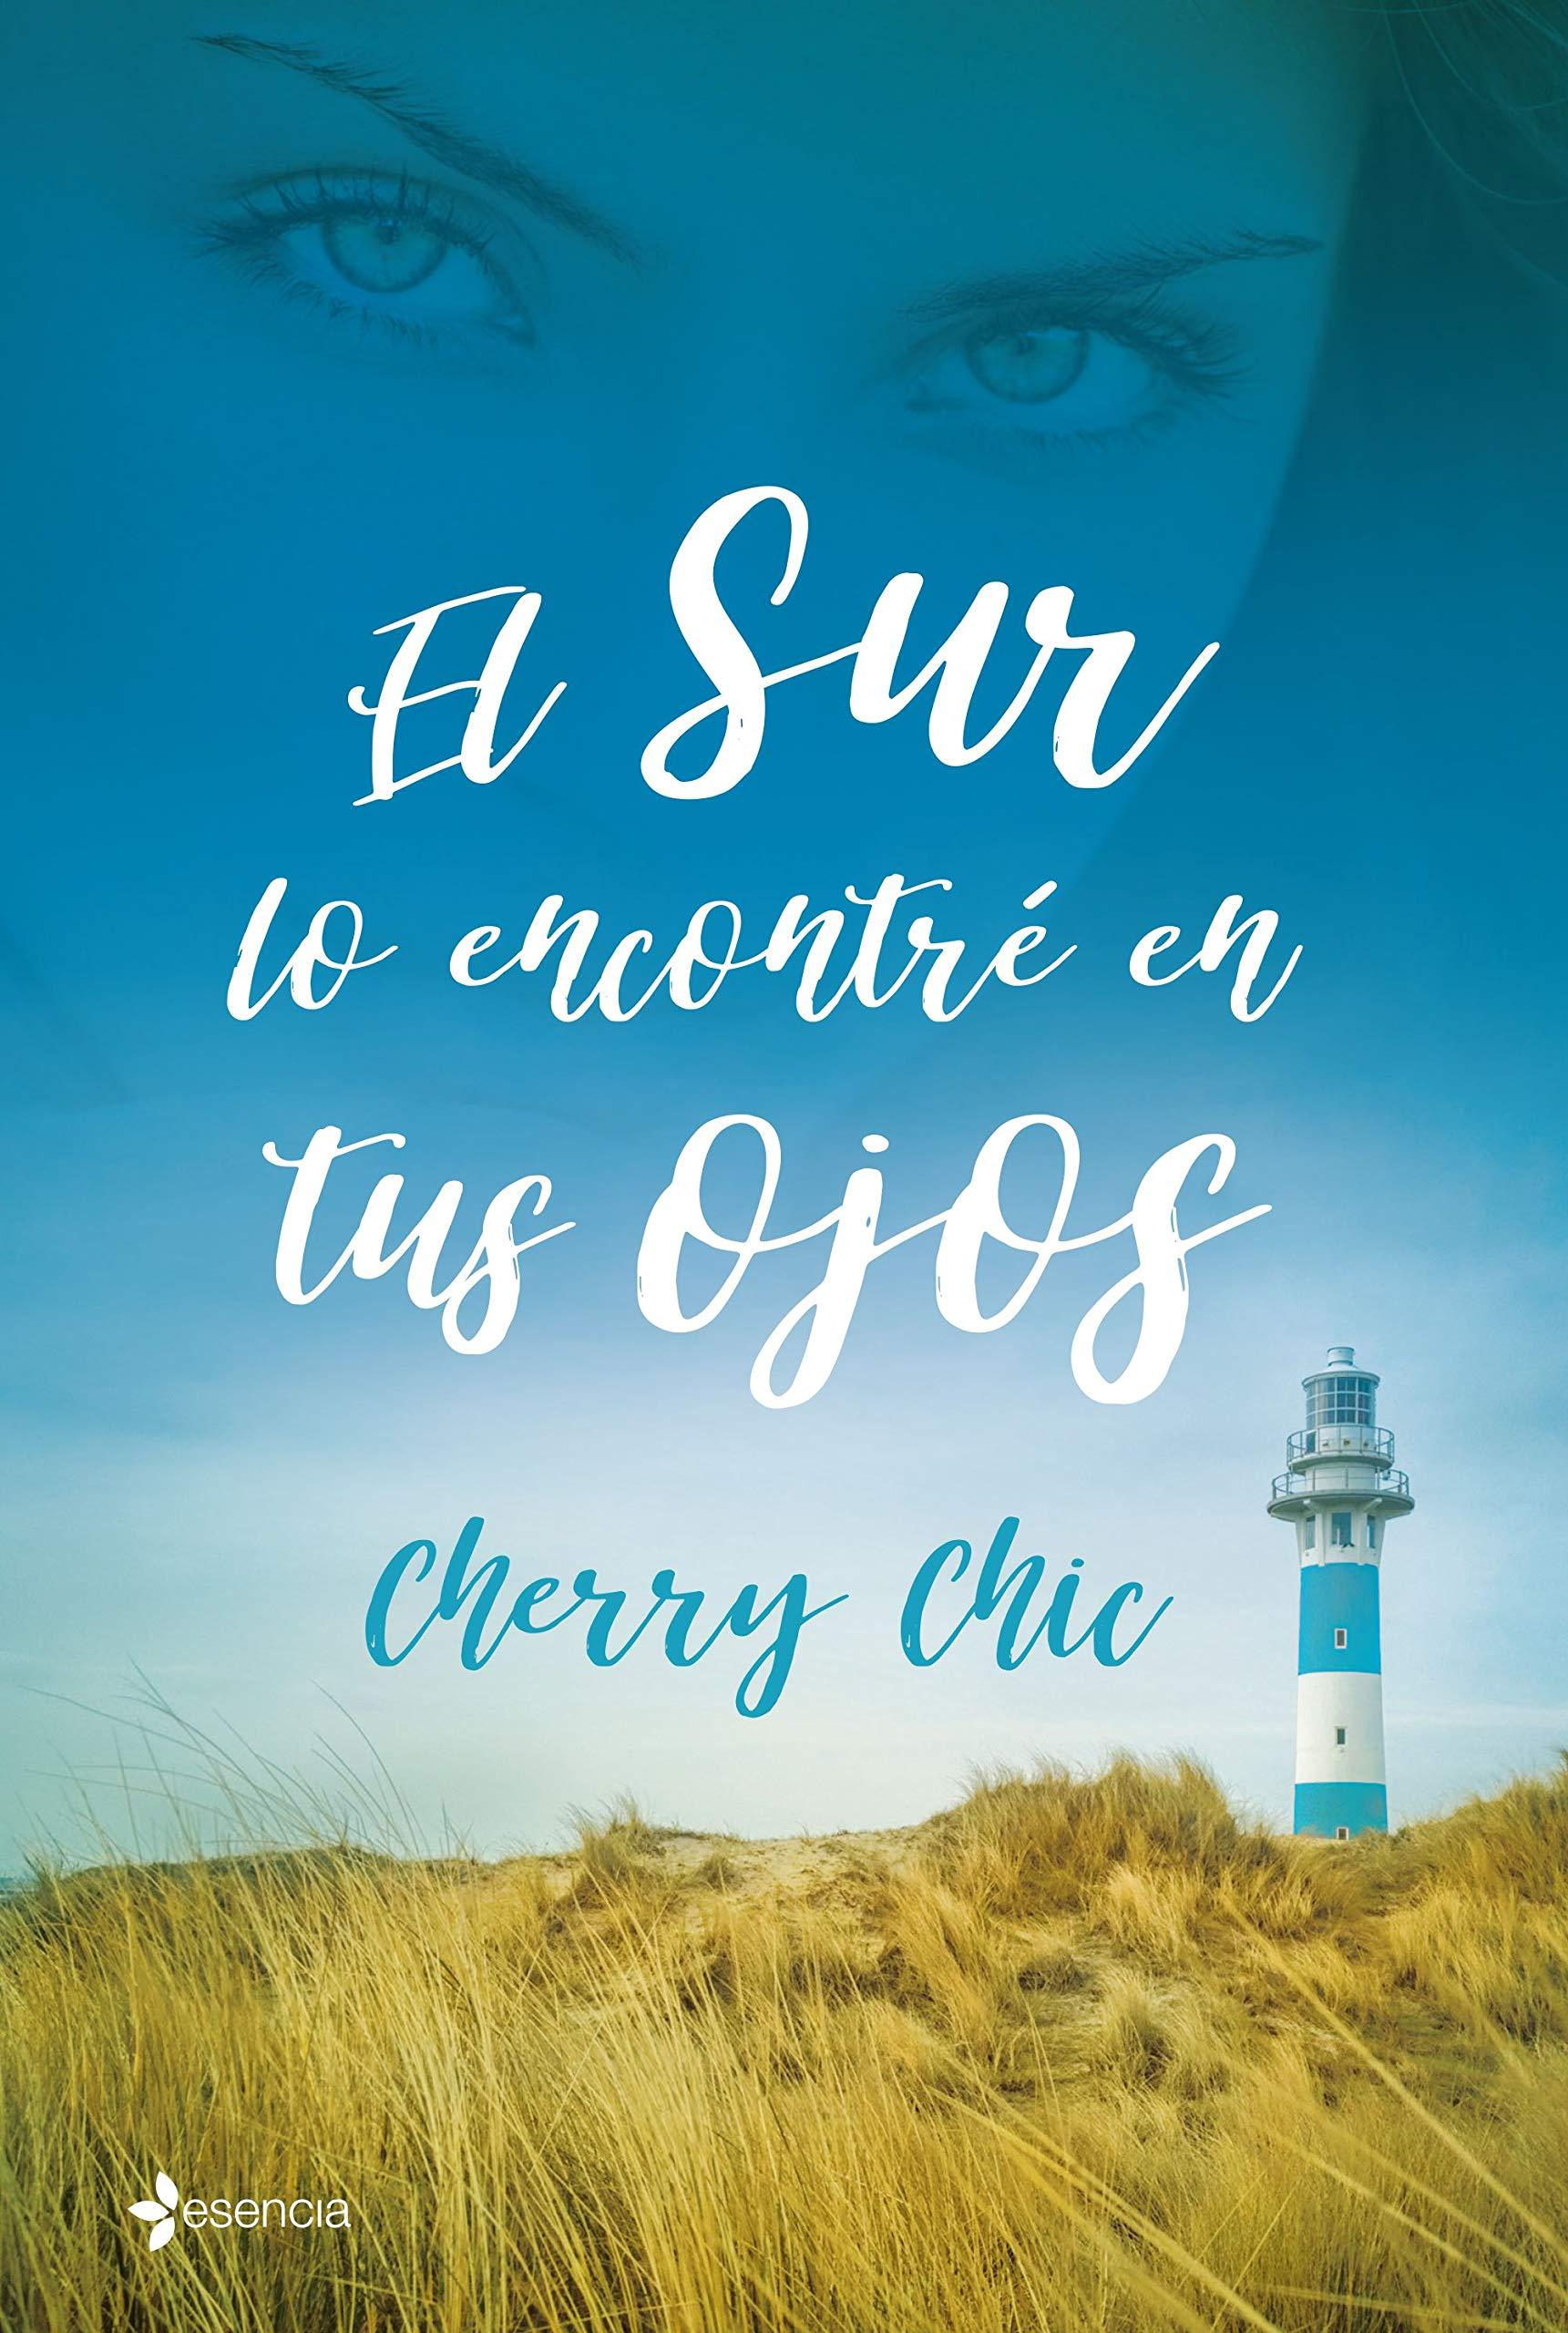 El sur lo encontré en tus ojos (Contemporánea) Tapa blanda – 8 ene 2019 Cherry Chic Esencia 8408199757 Erotic fiction